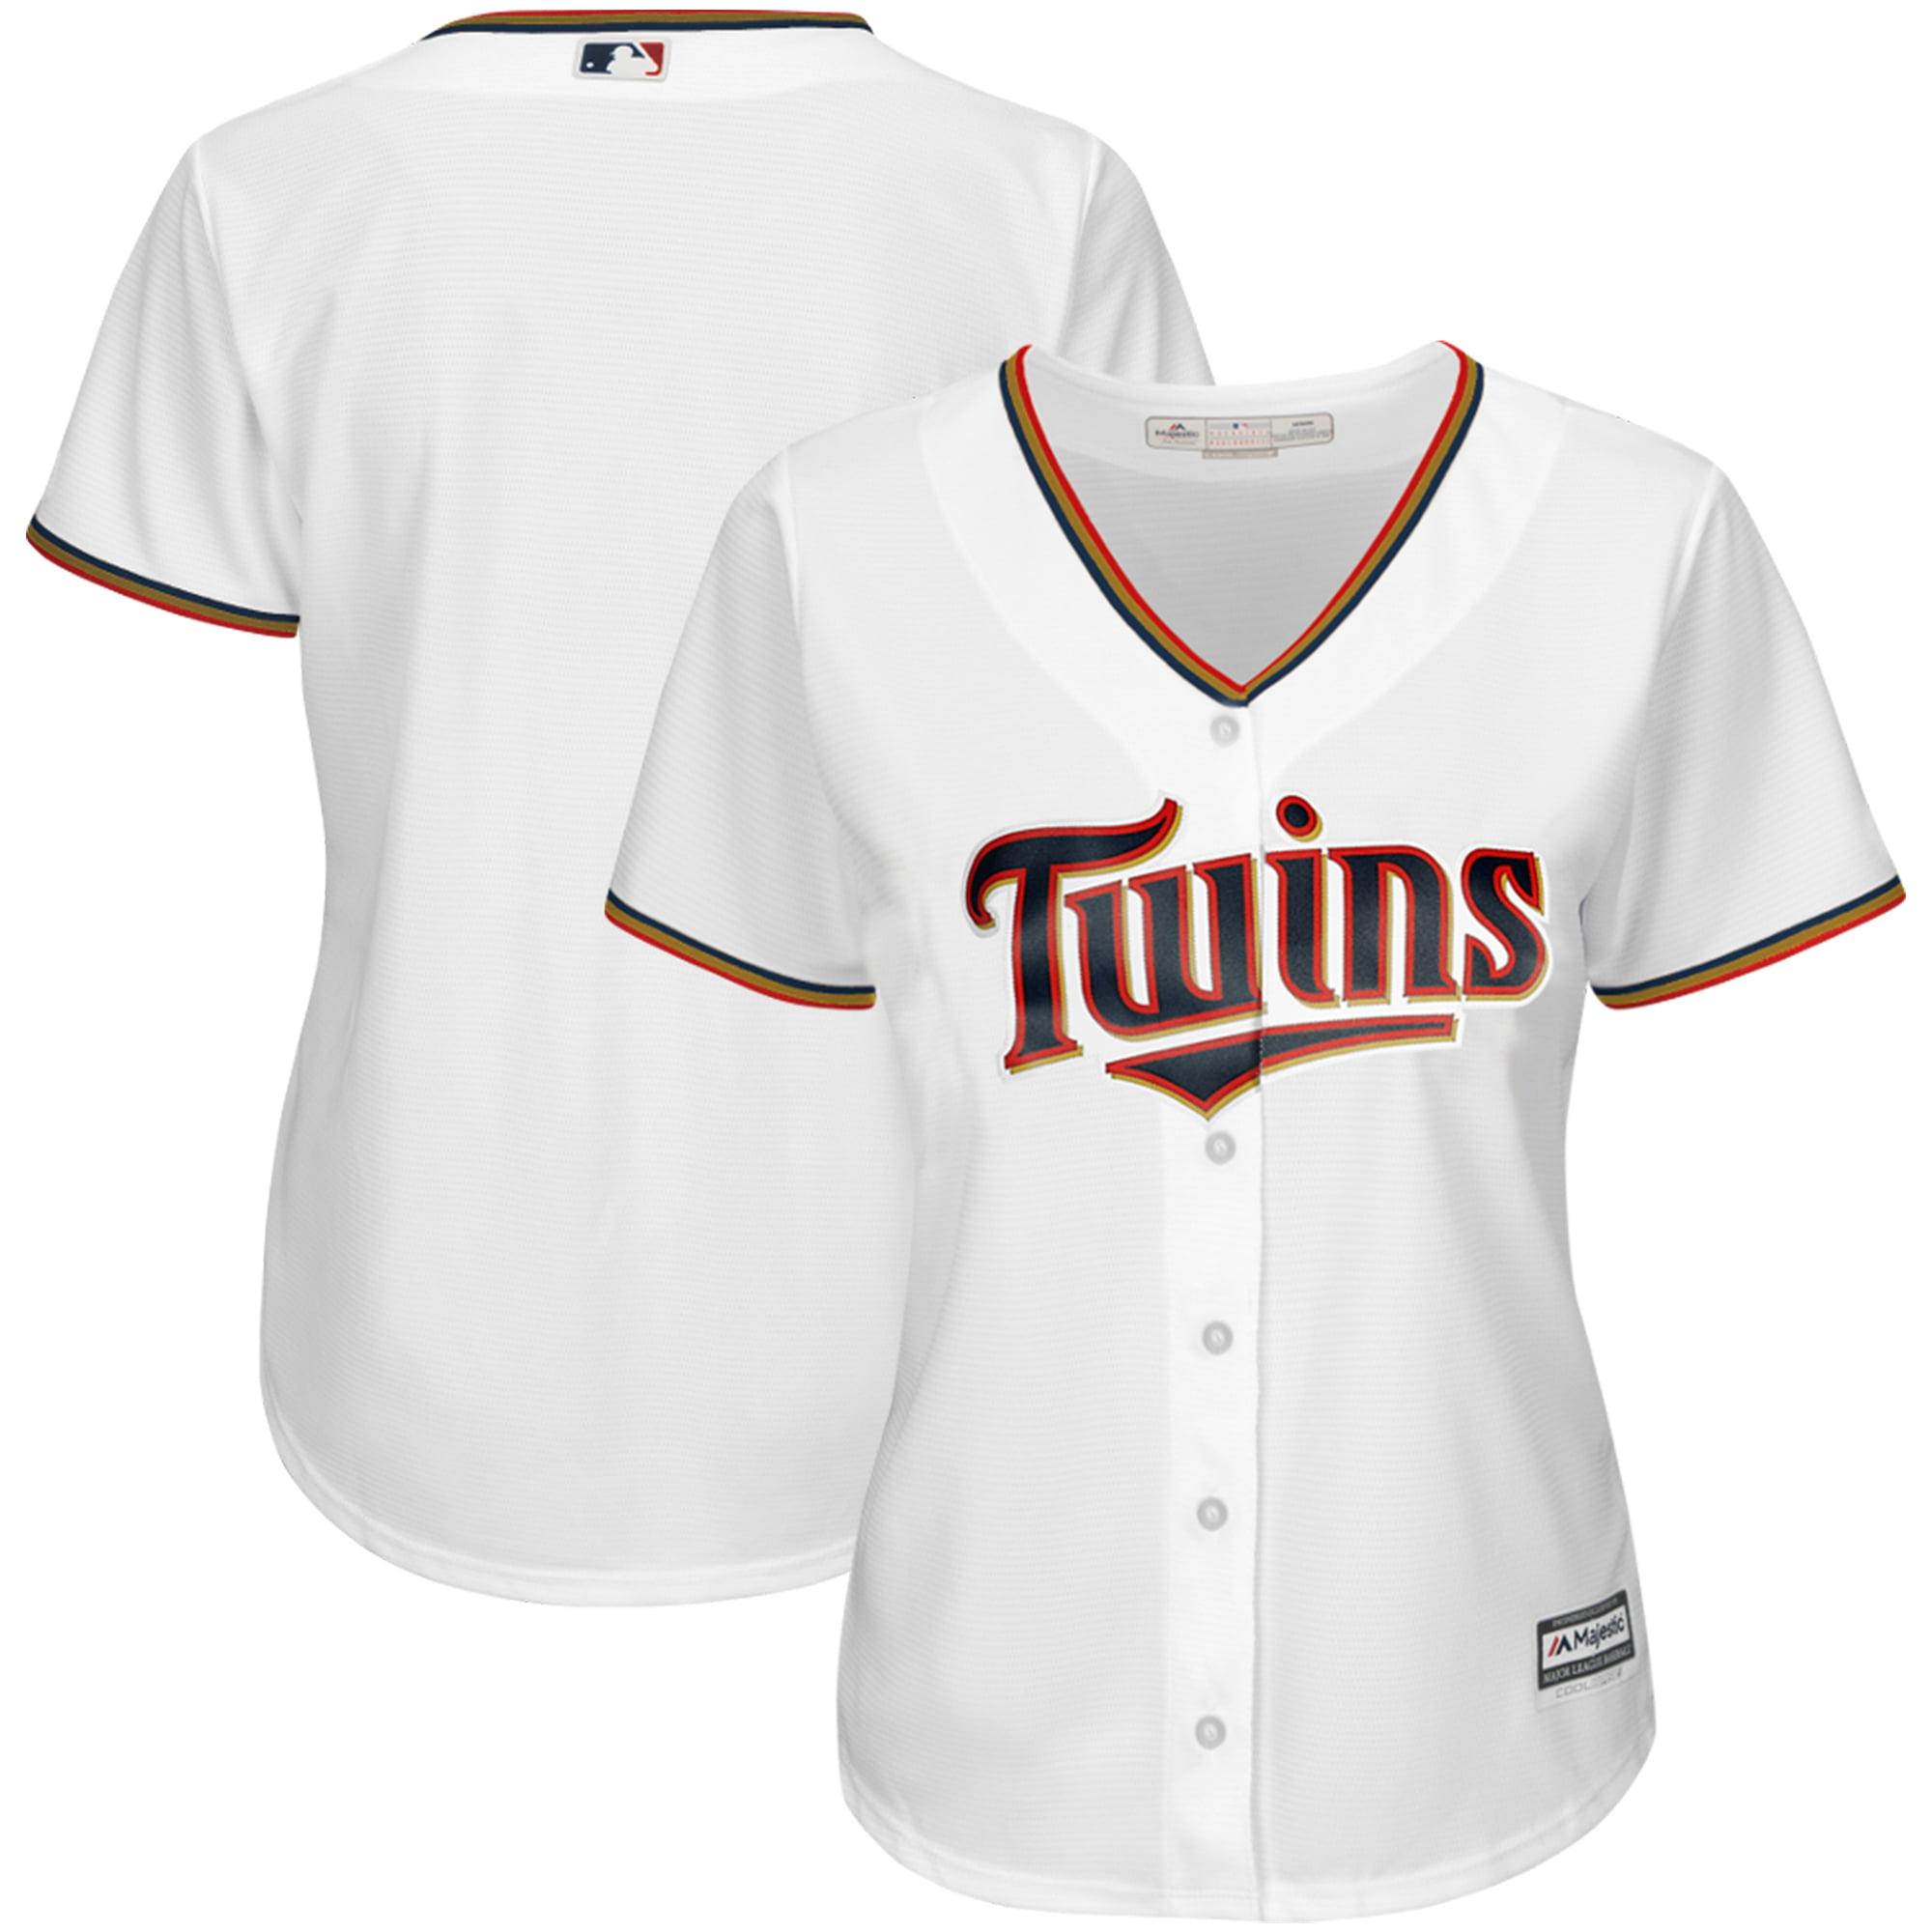 Minnesota Twins Majestic Women's Cool Base Jersey White by MAJESTIC LSG